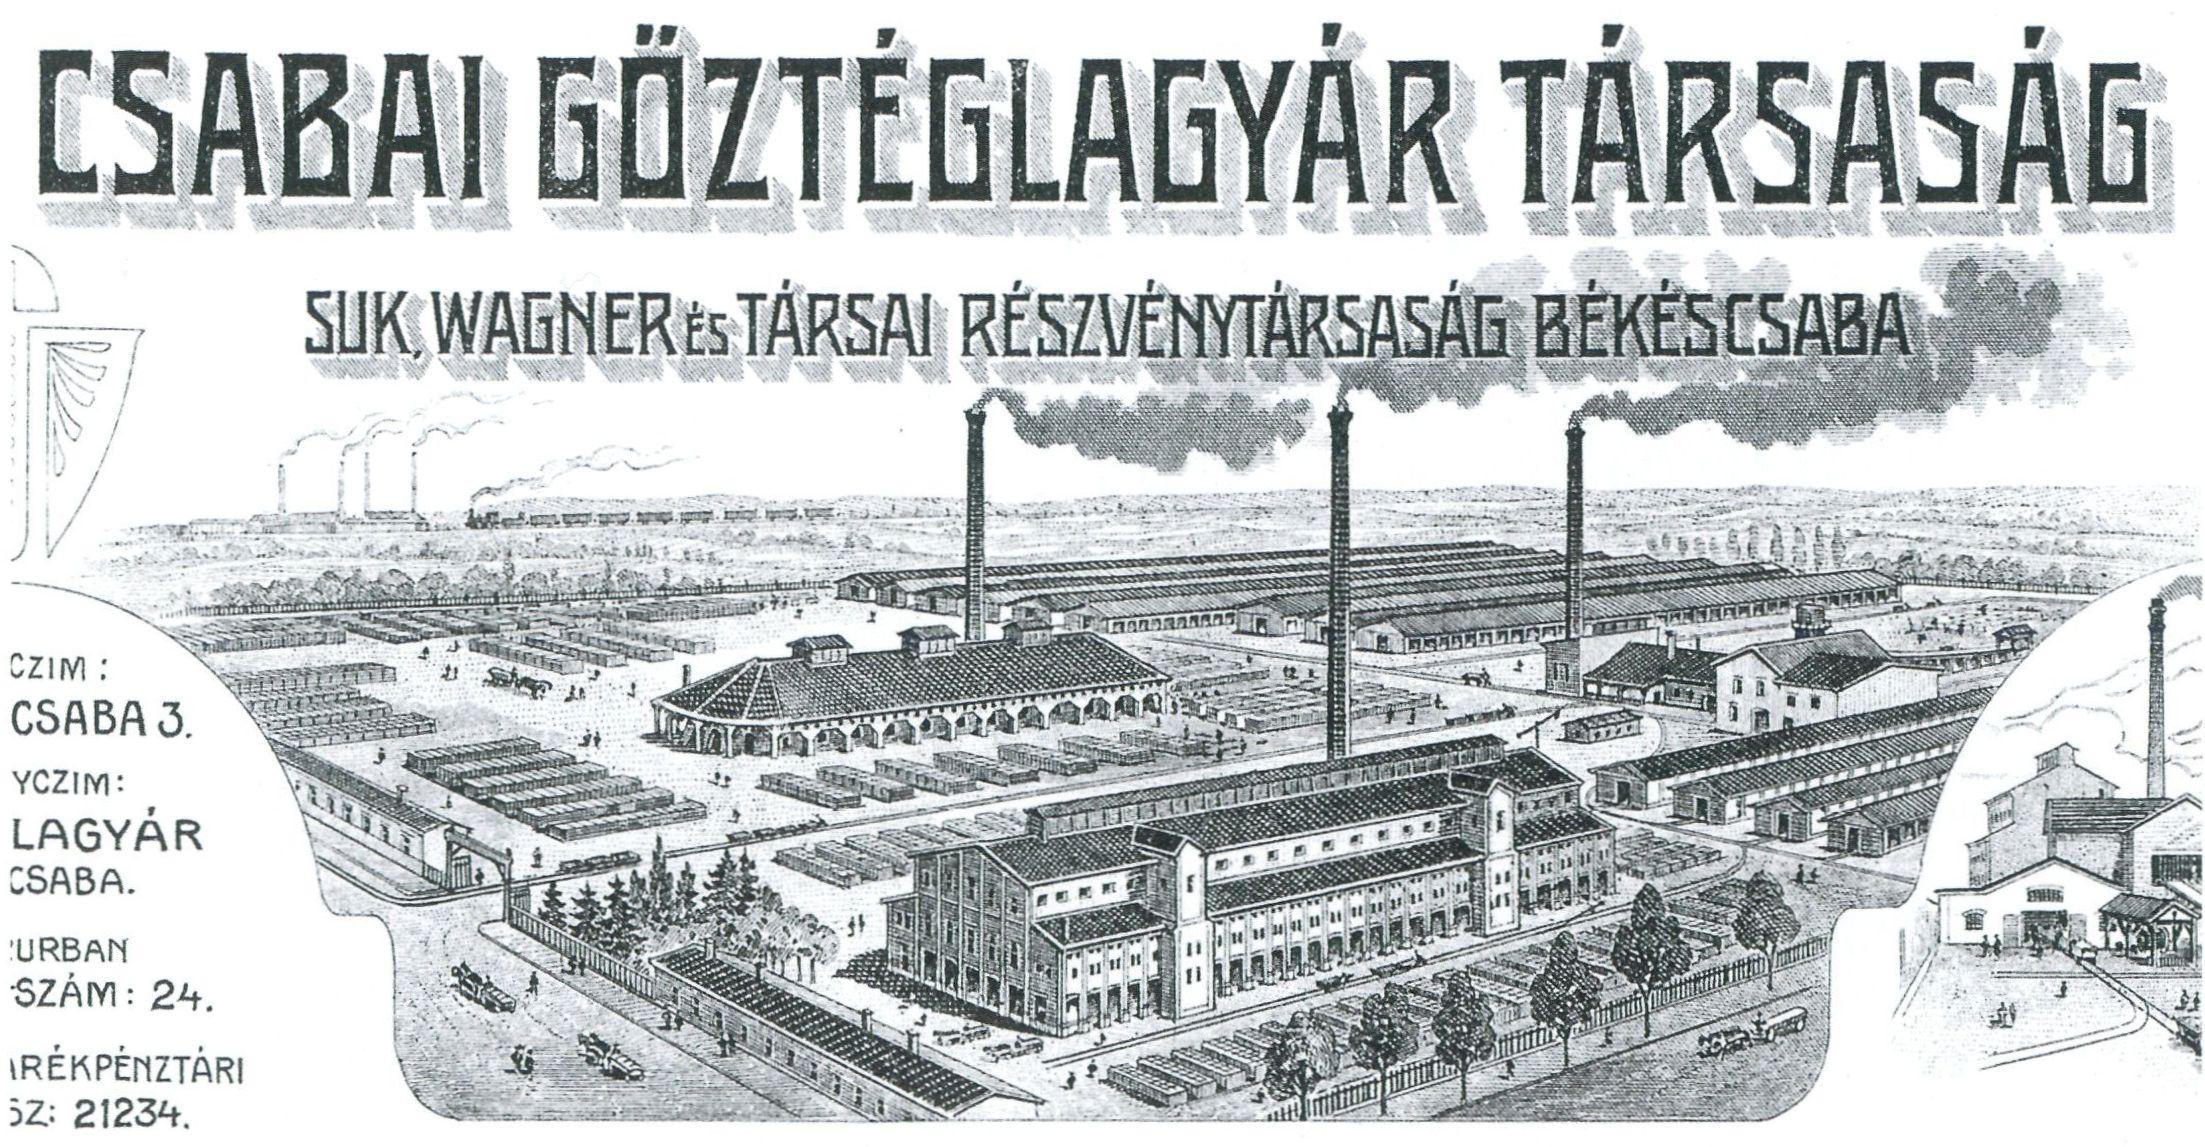 Csabai Gőztéglagyár Társaság